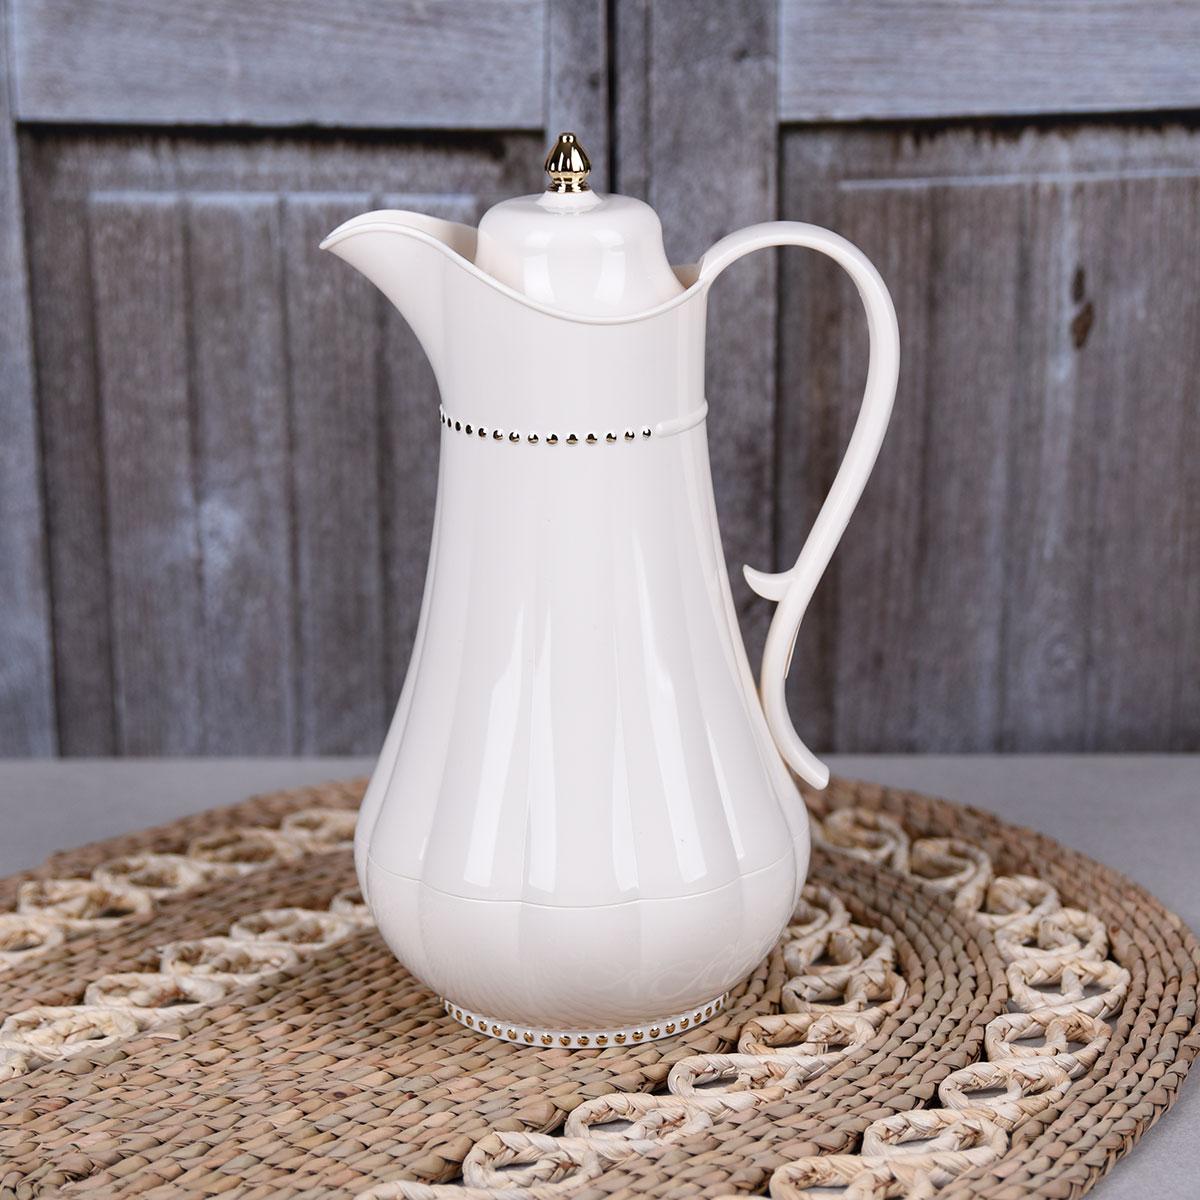 ترمس شاي وقهوة , فلورا , مقاس 0.75 لتر , لون لؤلؤي